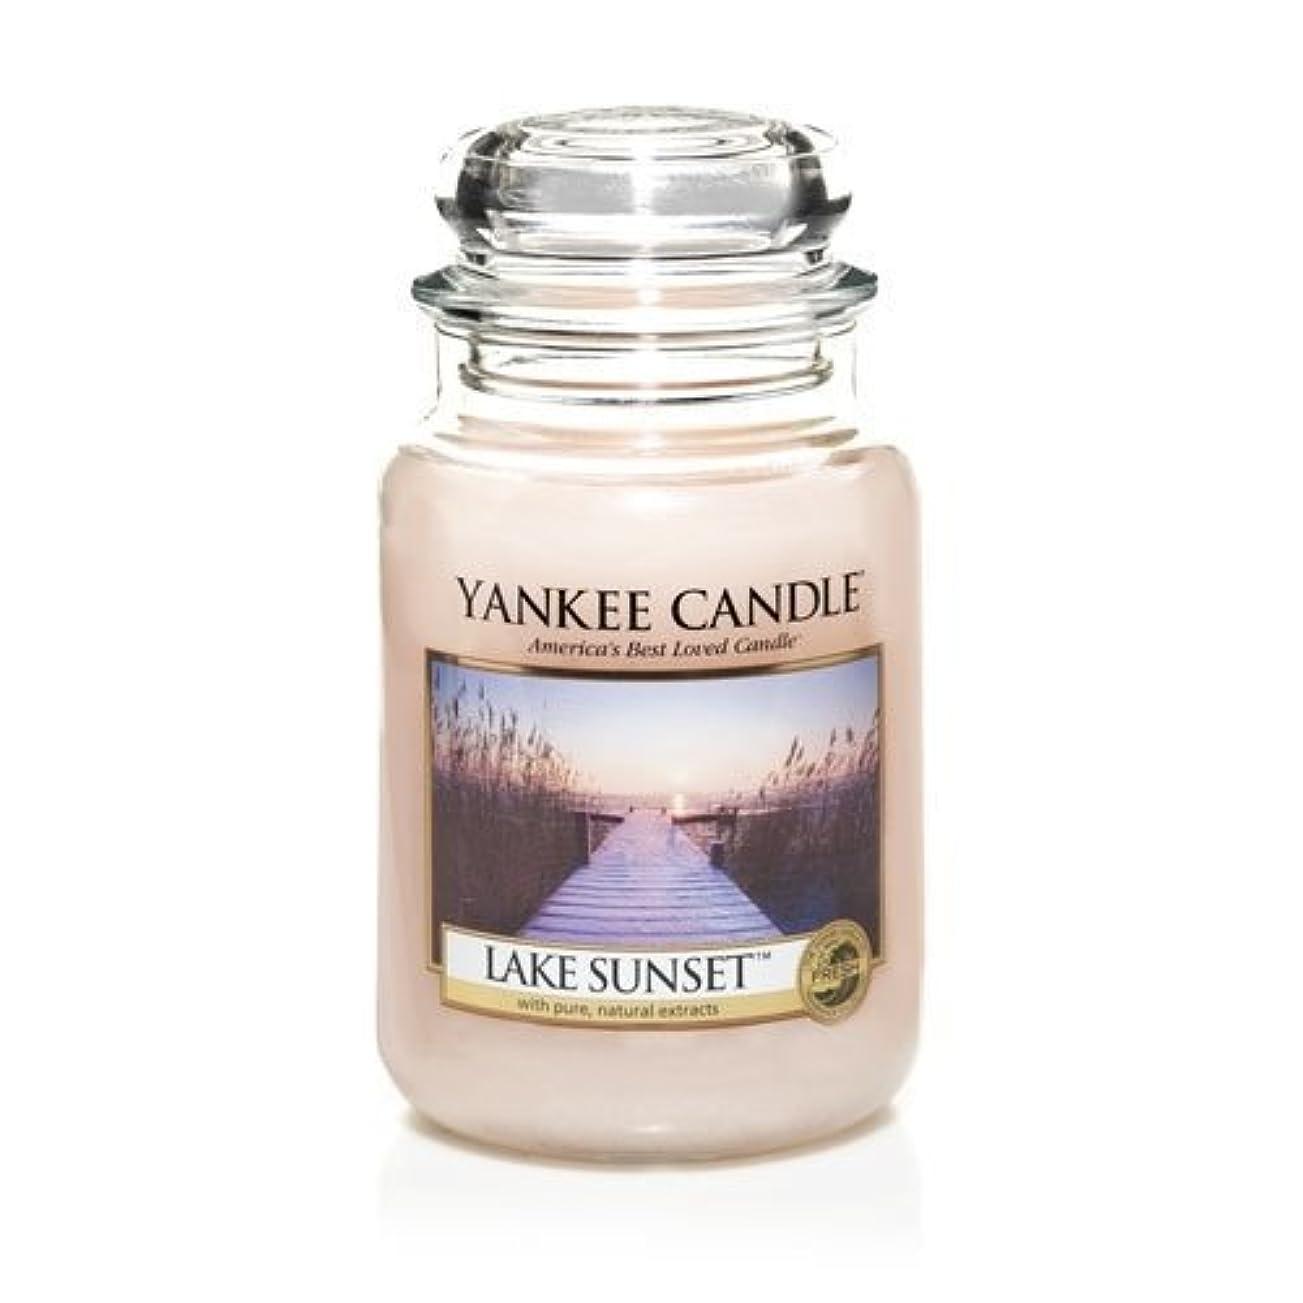 もろいコースカロリーYankee Candle LAKE SUNSET 22 oz Large Jar Candle - New for Fall 2013 by Yankee Candle [並行輸入品]